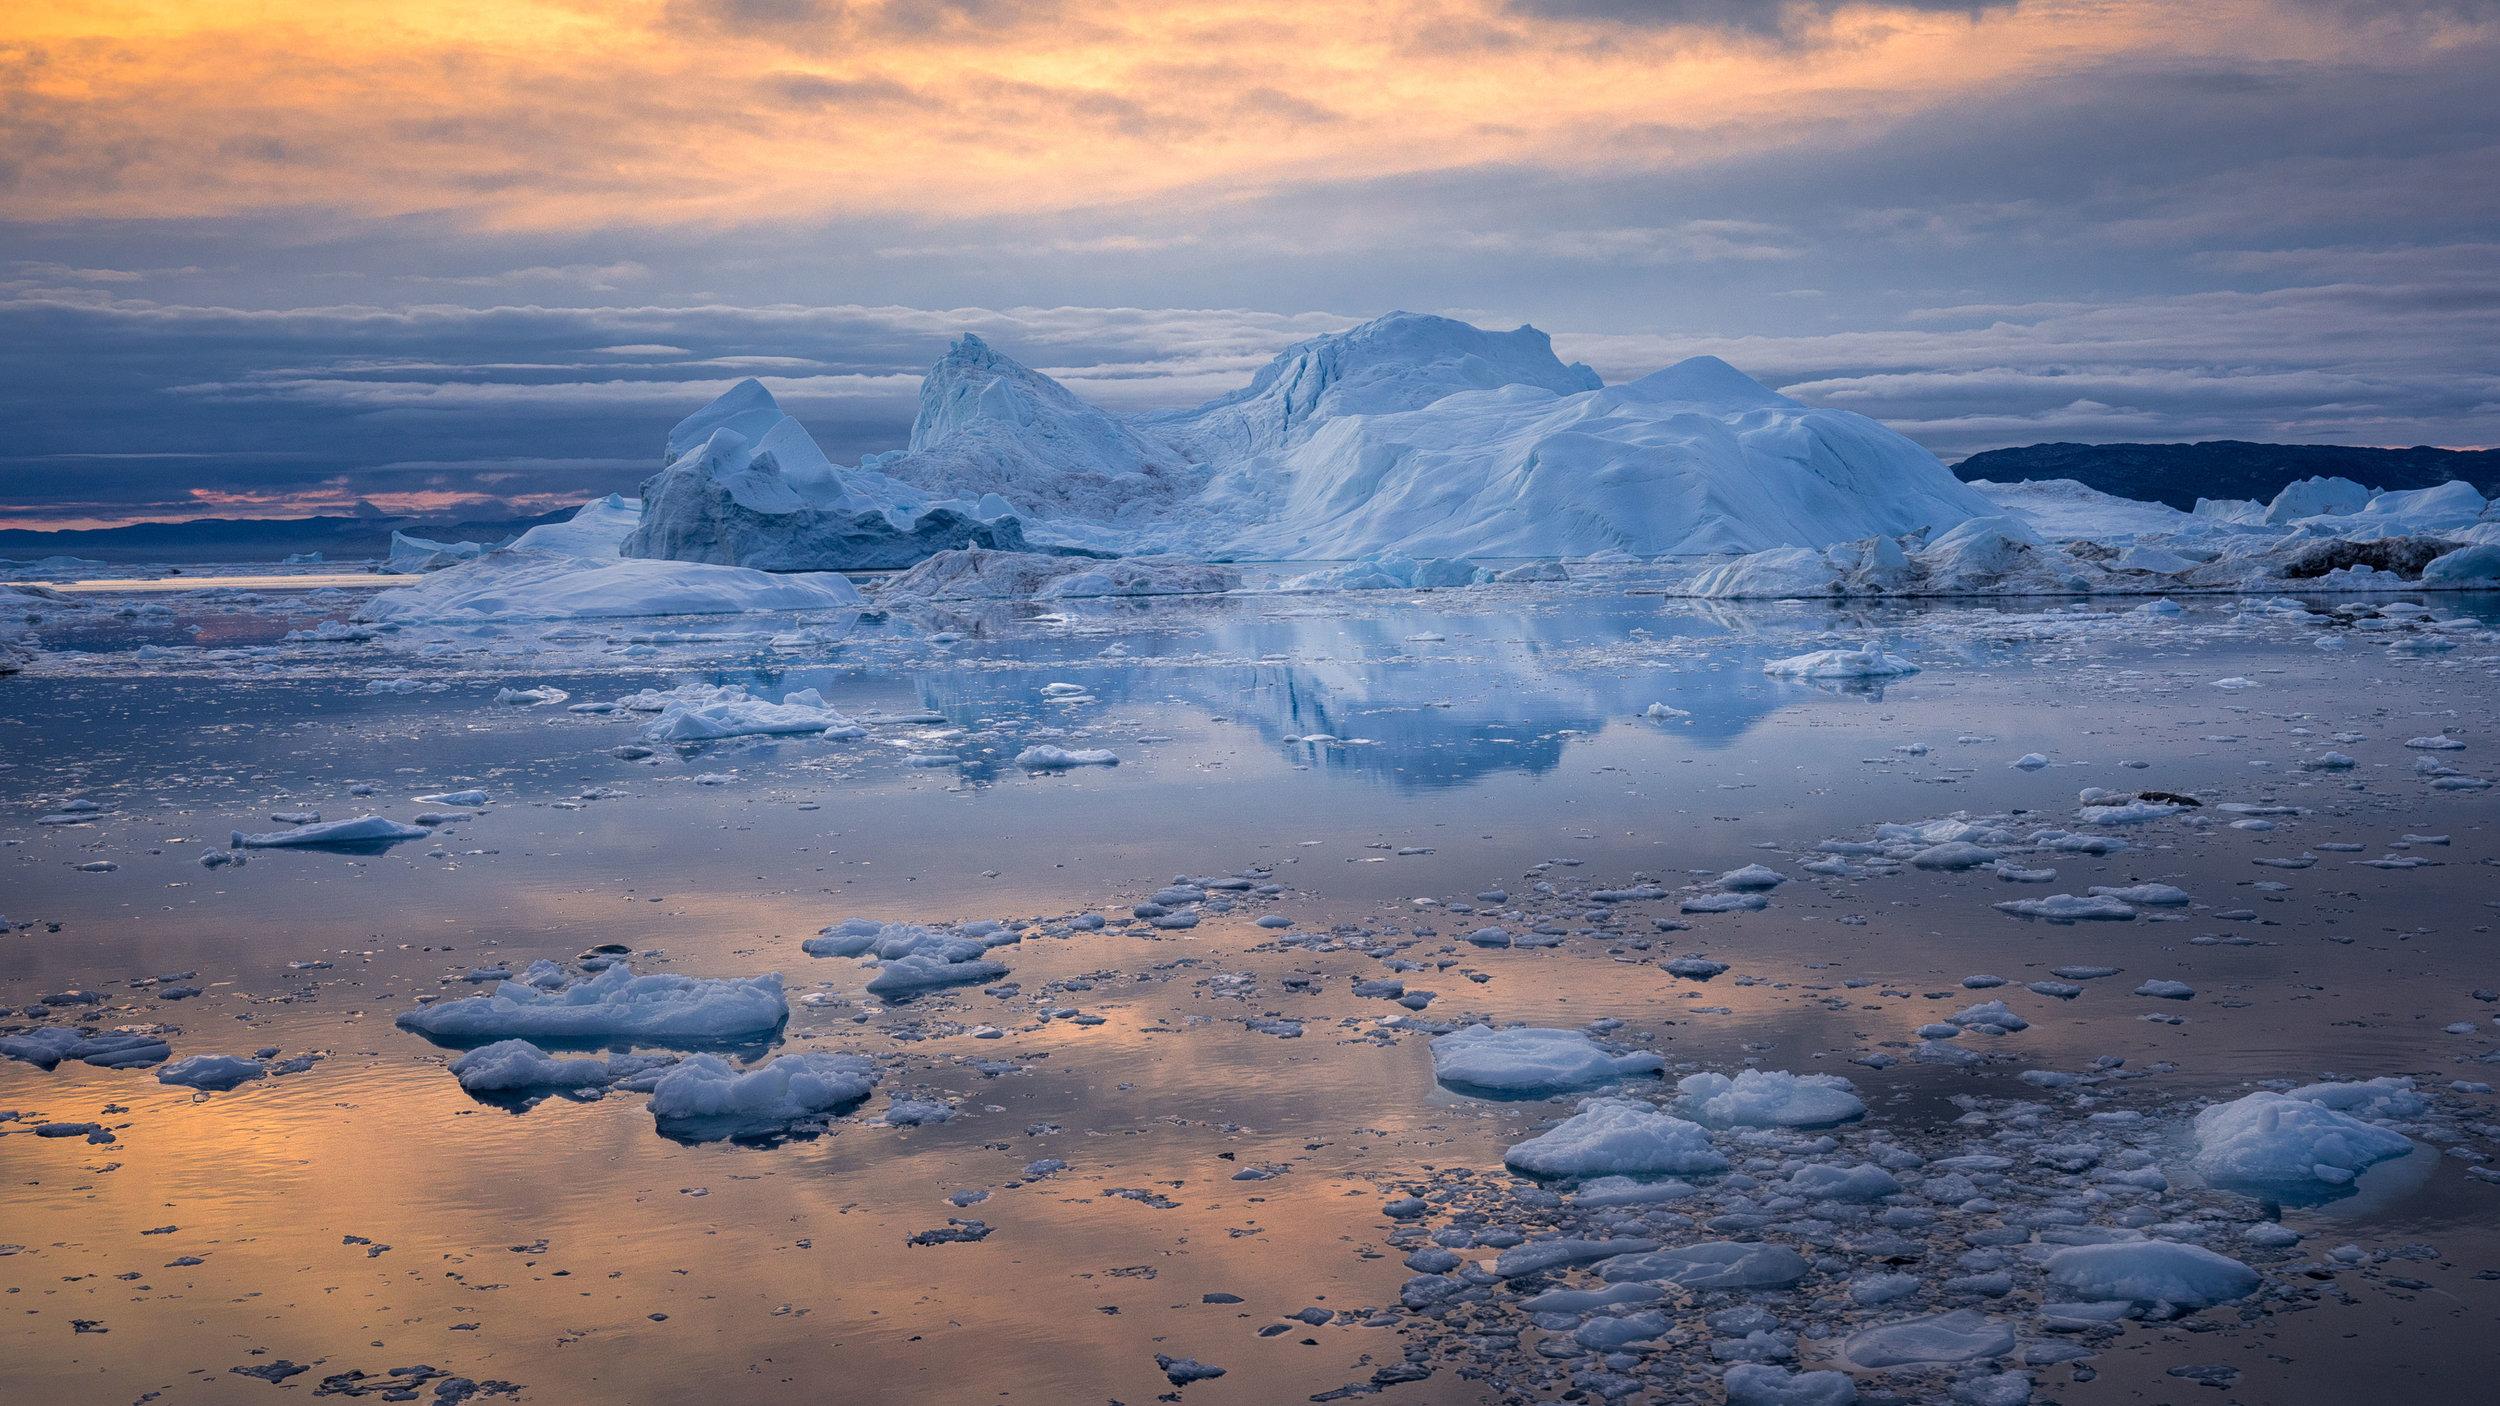 Anthropomorphic ice